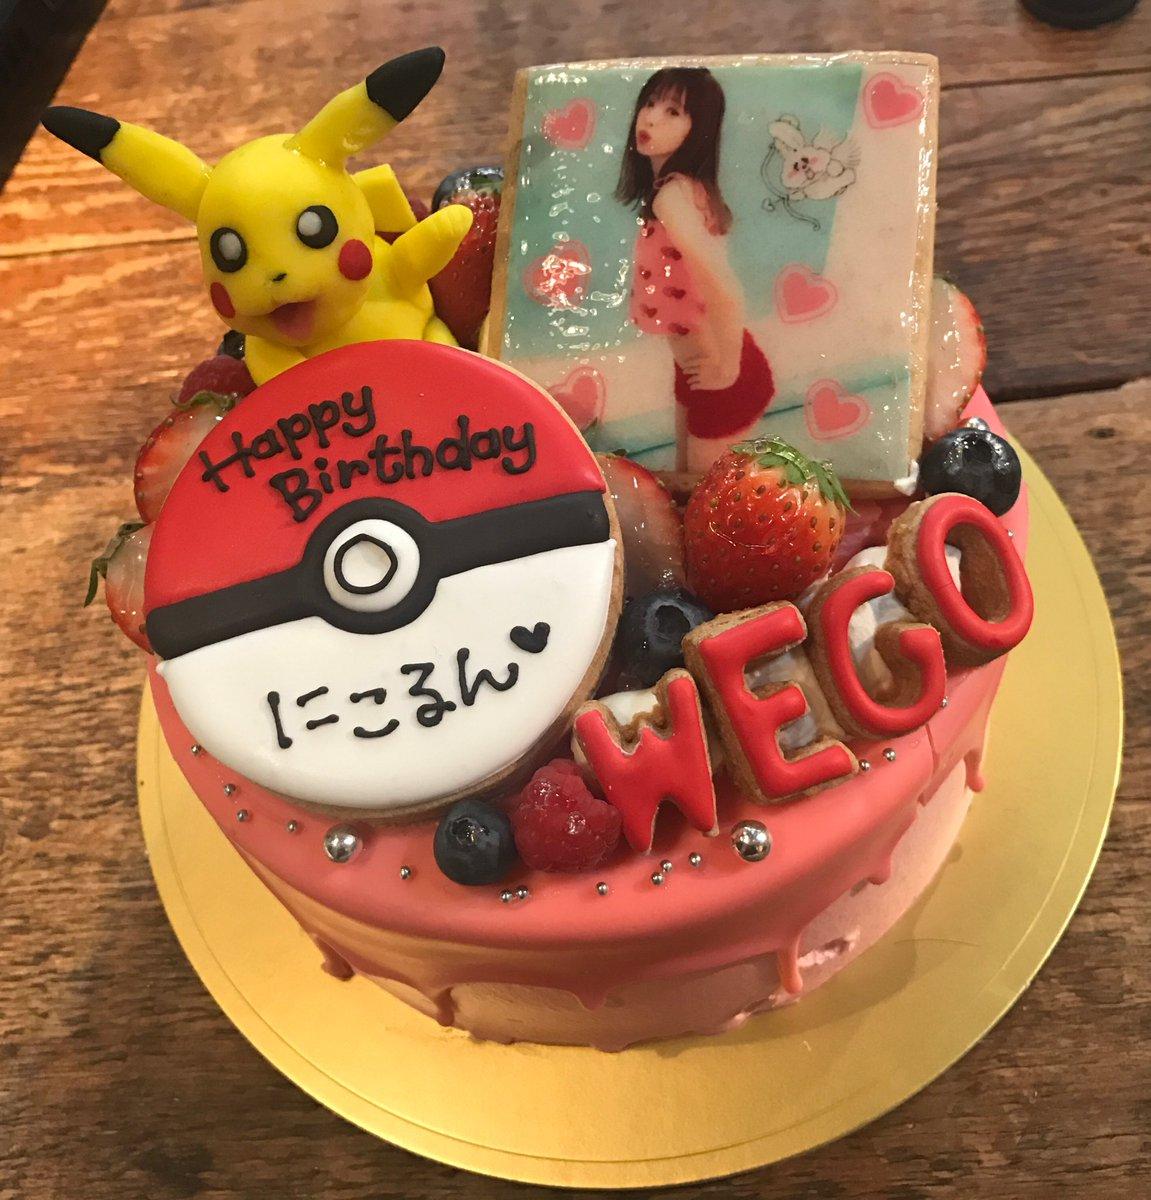 今日はwegoさんと撮影で早めのお誕生日ケーキもらった(´;ω;`)💕2月20日だったから全然予想も…